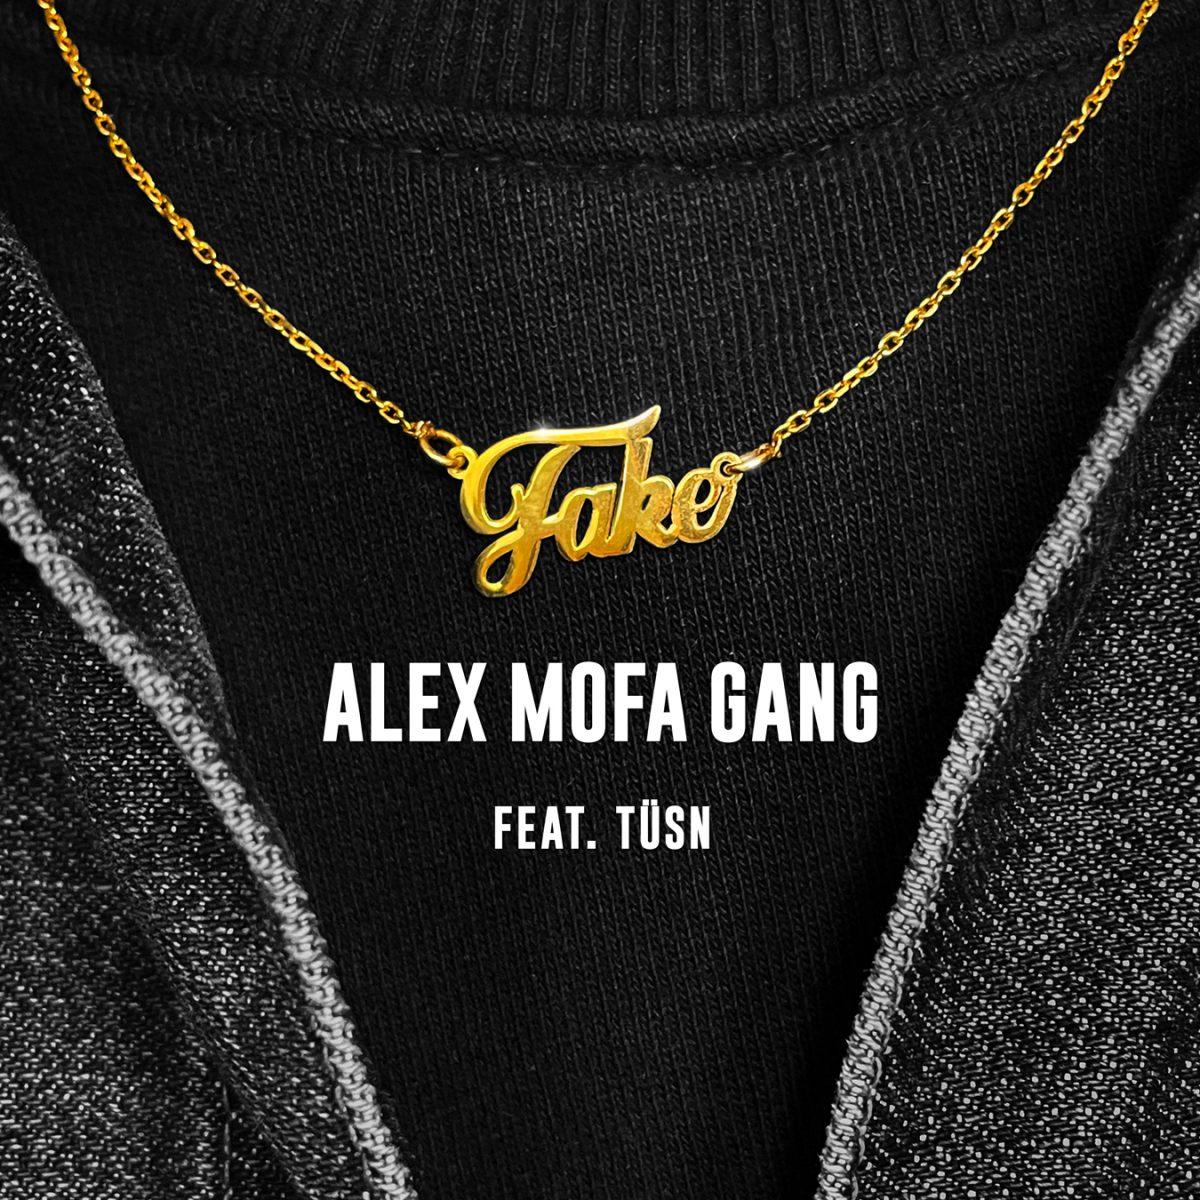 alex-mofa-gang-fake-video-premiere